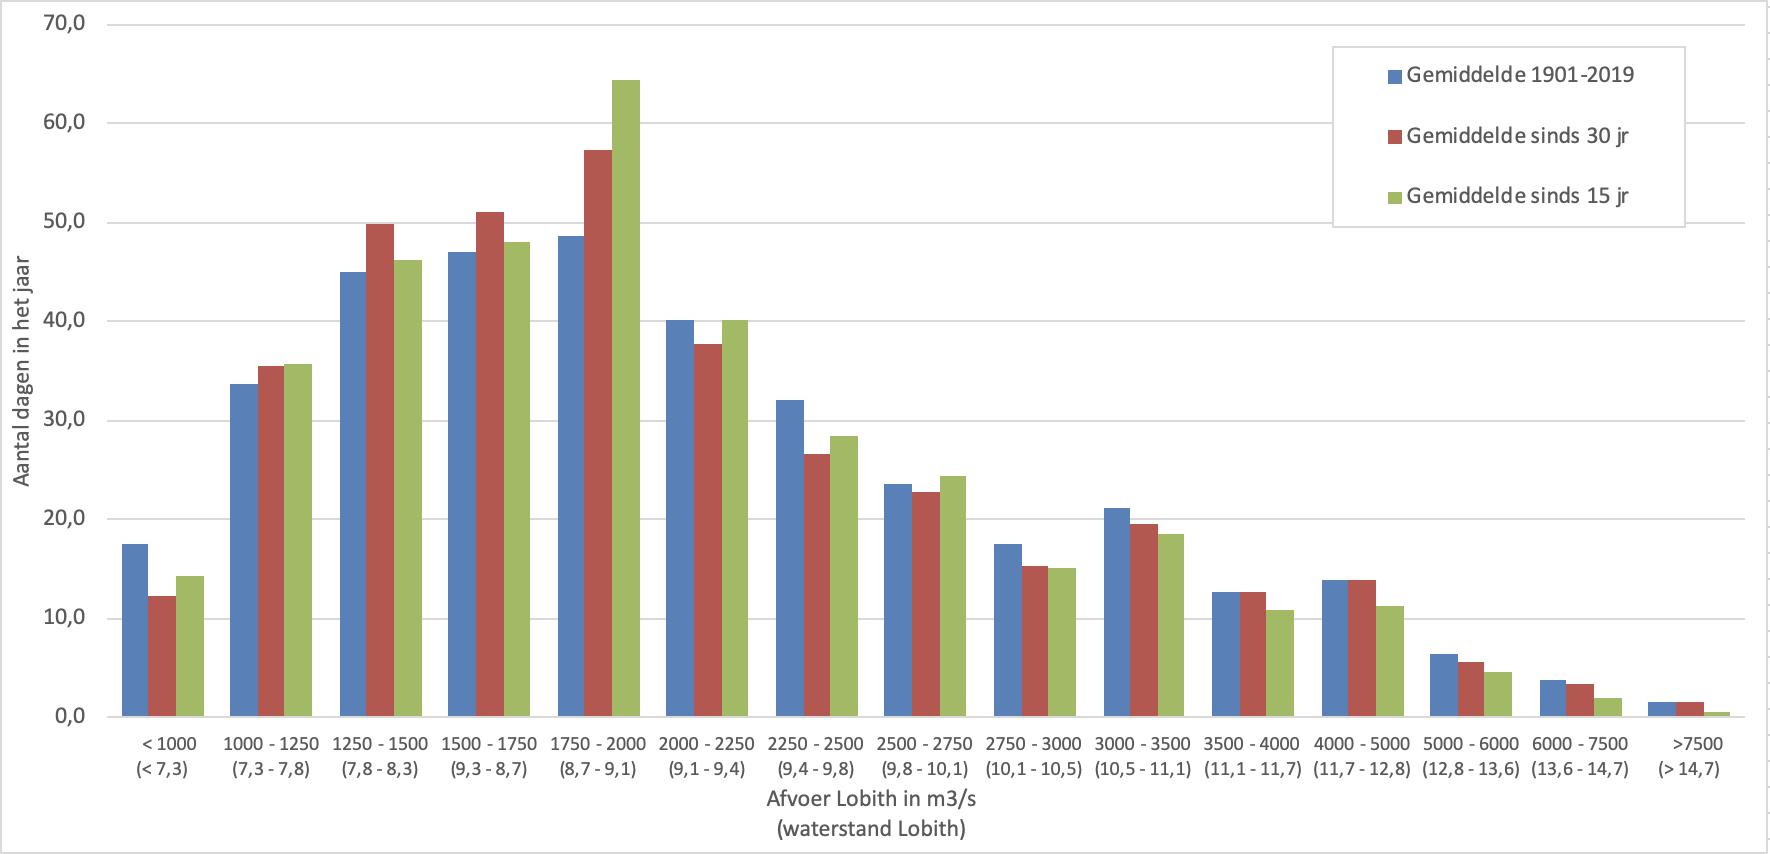 Afvoergegevens van de laatste 30 jaar (1990 - 2019) en de laatste 15 jaar (2005 - 2019) gegroepeerd in categorieën van 250 m3/s (bij hogere afvoeren meer)